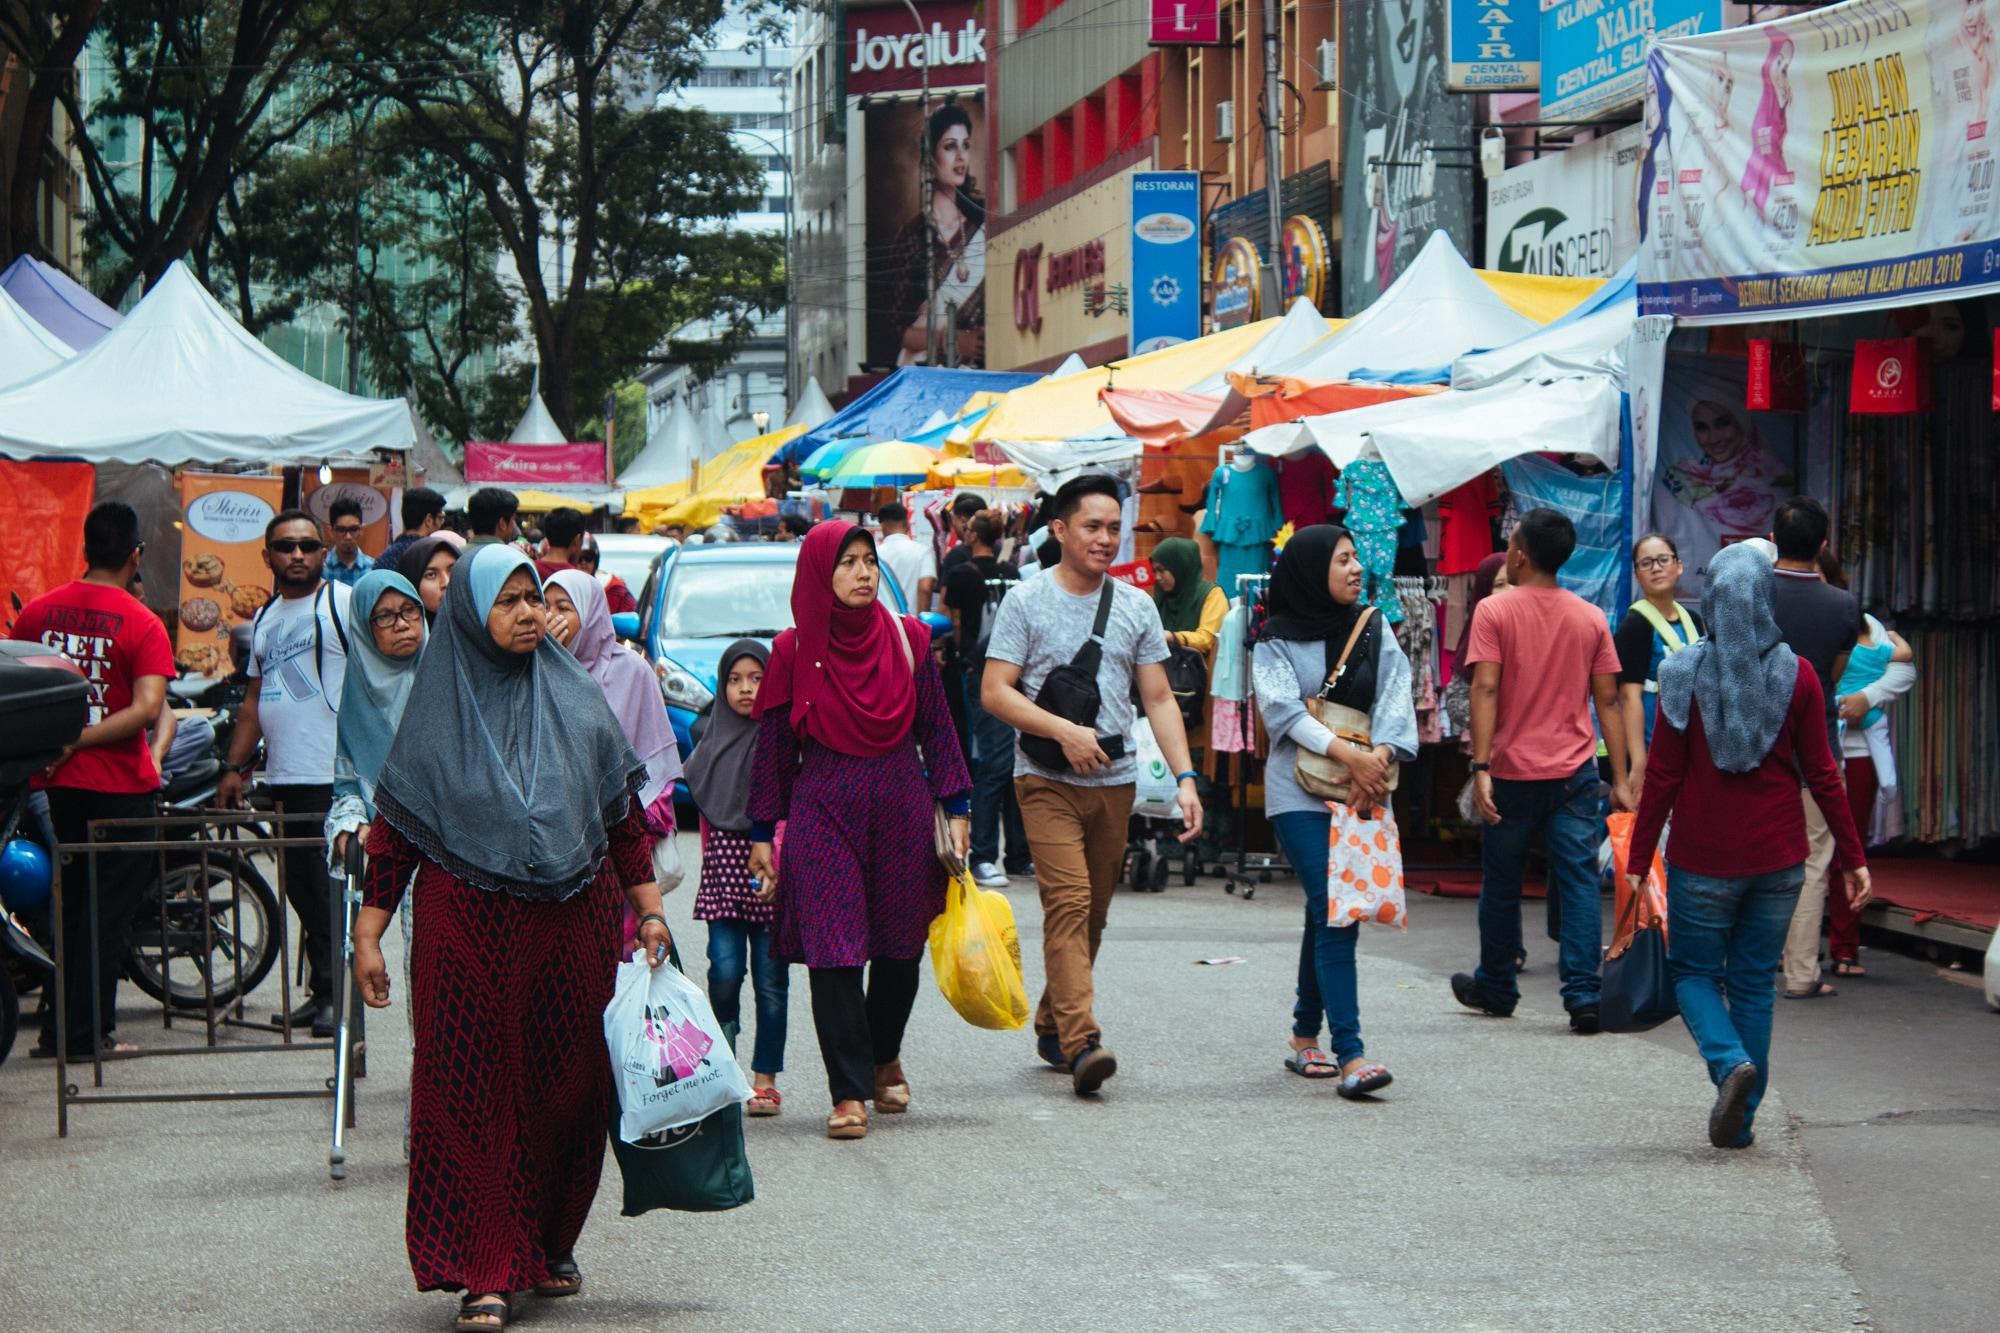 People in Kuala Lumpur shopping for Eid - known as Hari Raya in Malaysia